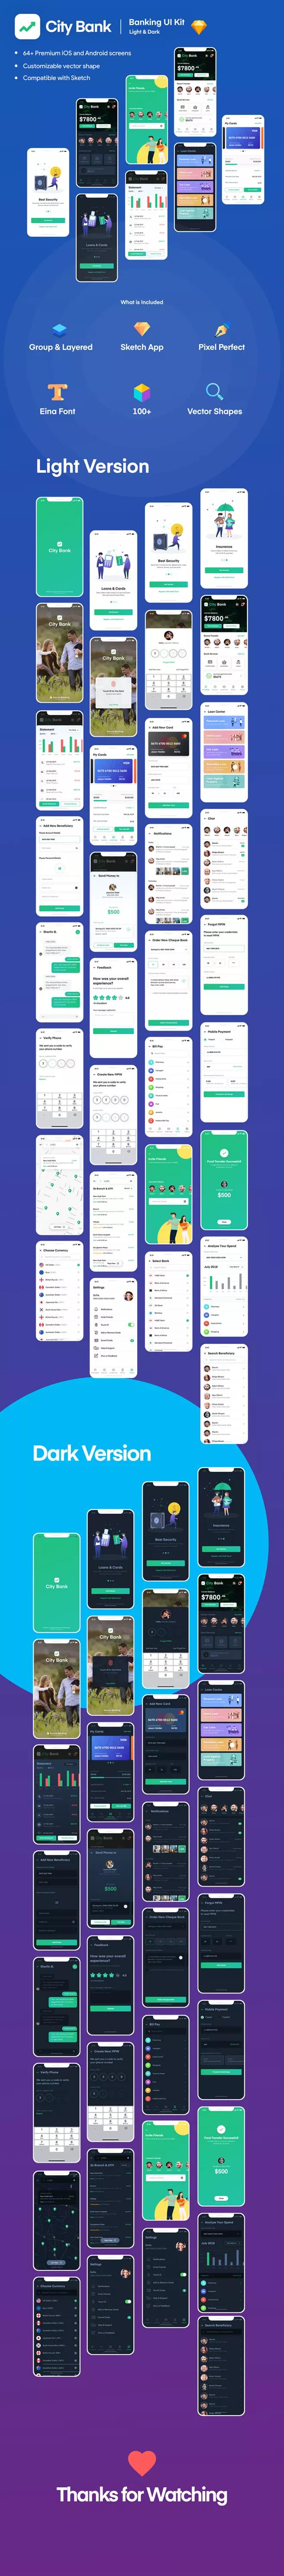 金融 银行 理财 木笛生采集到app 7844图 花瓣ui Ux Bar Chart Chart App